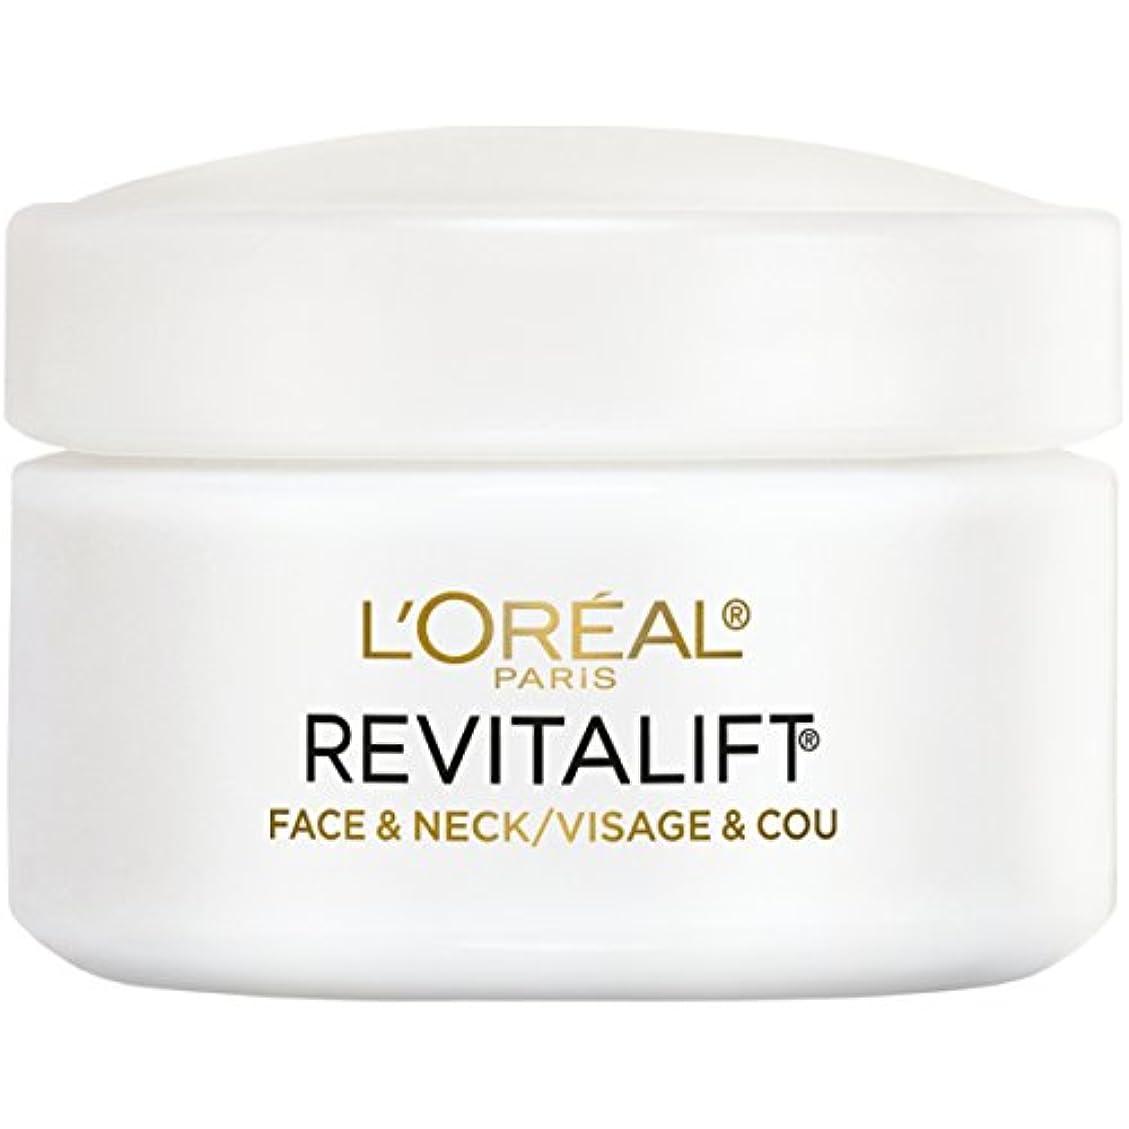 無駄だ才能アーチL'Oreal Paris Advanced RevitaLift Face and Neck Day Cream, 1.7 Ounce (並行輸入品)